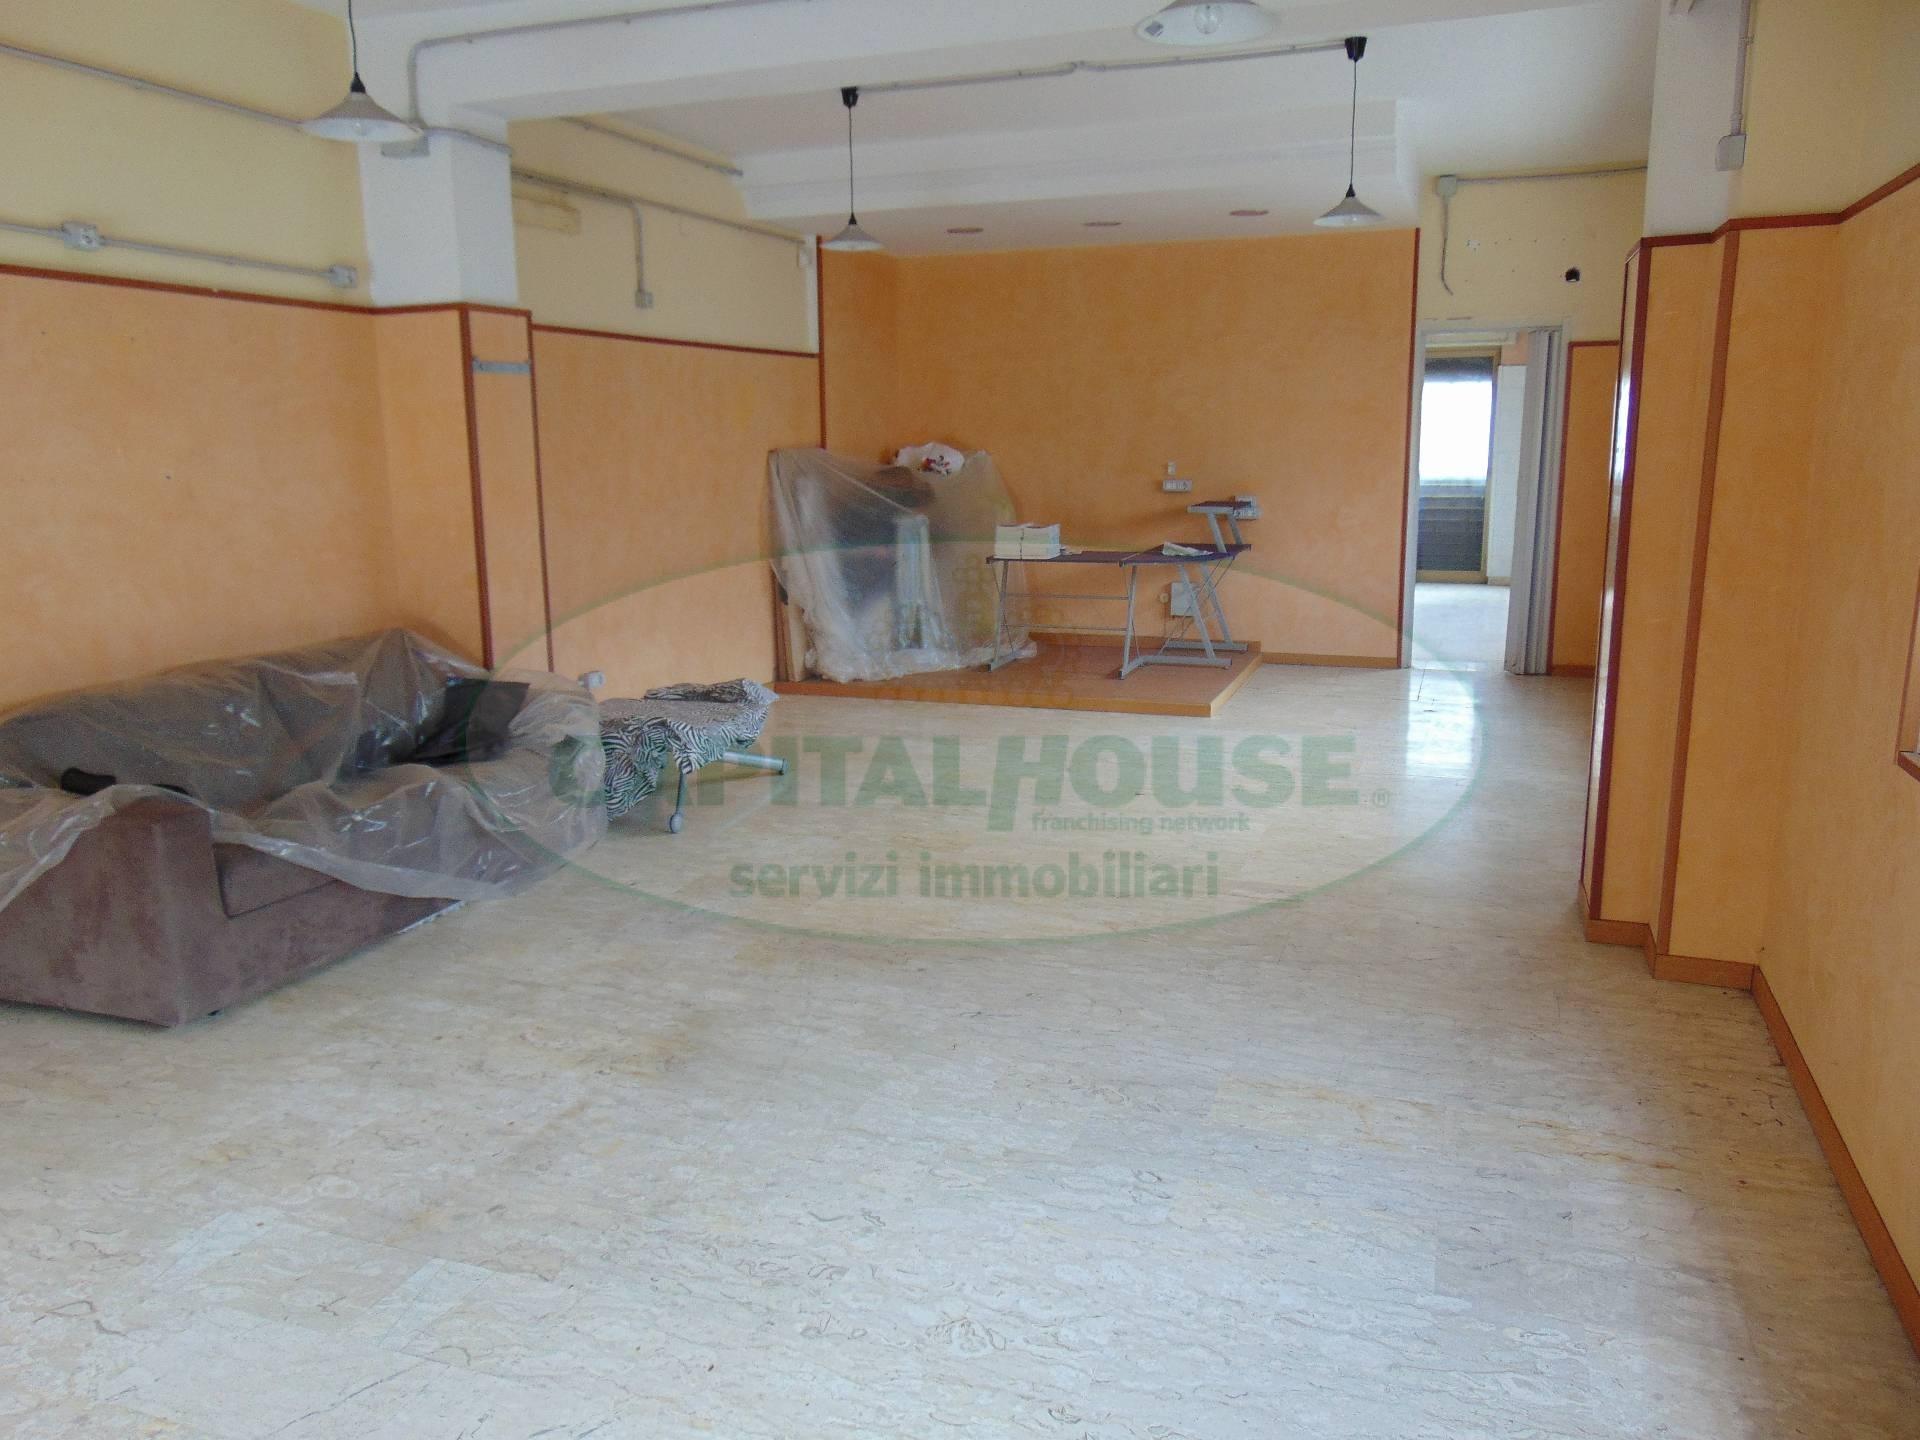 Negozio / Locale in vendita a Sperone, 9999 locali, prezzo € 65.000 | CambioCasa.it